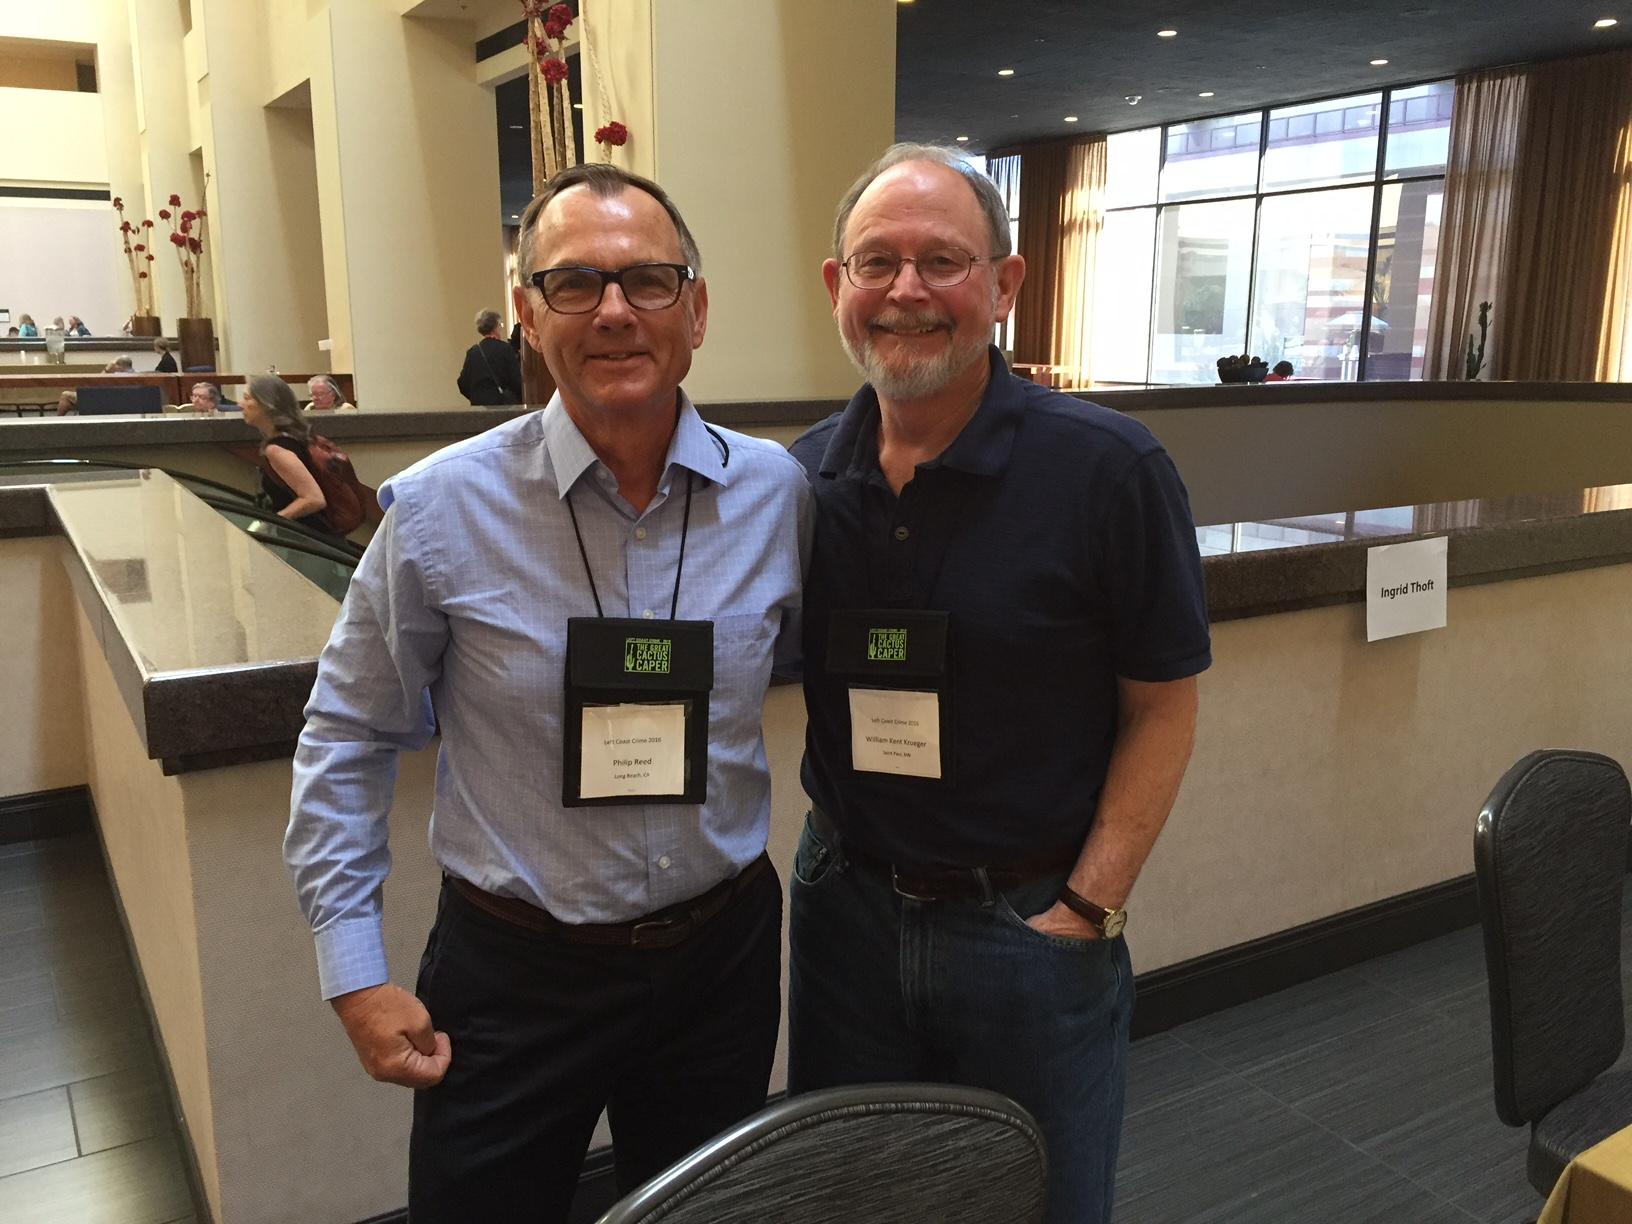 Philip Reed and William Kent Krueger